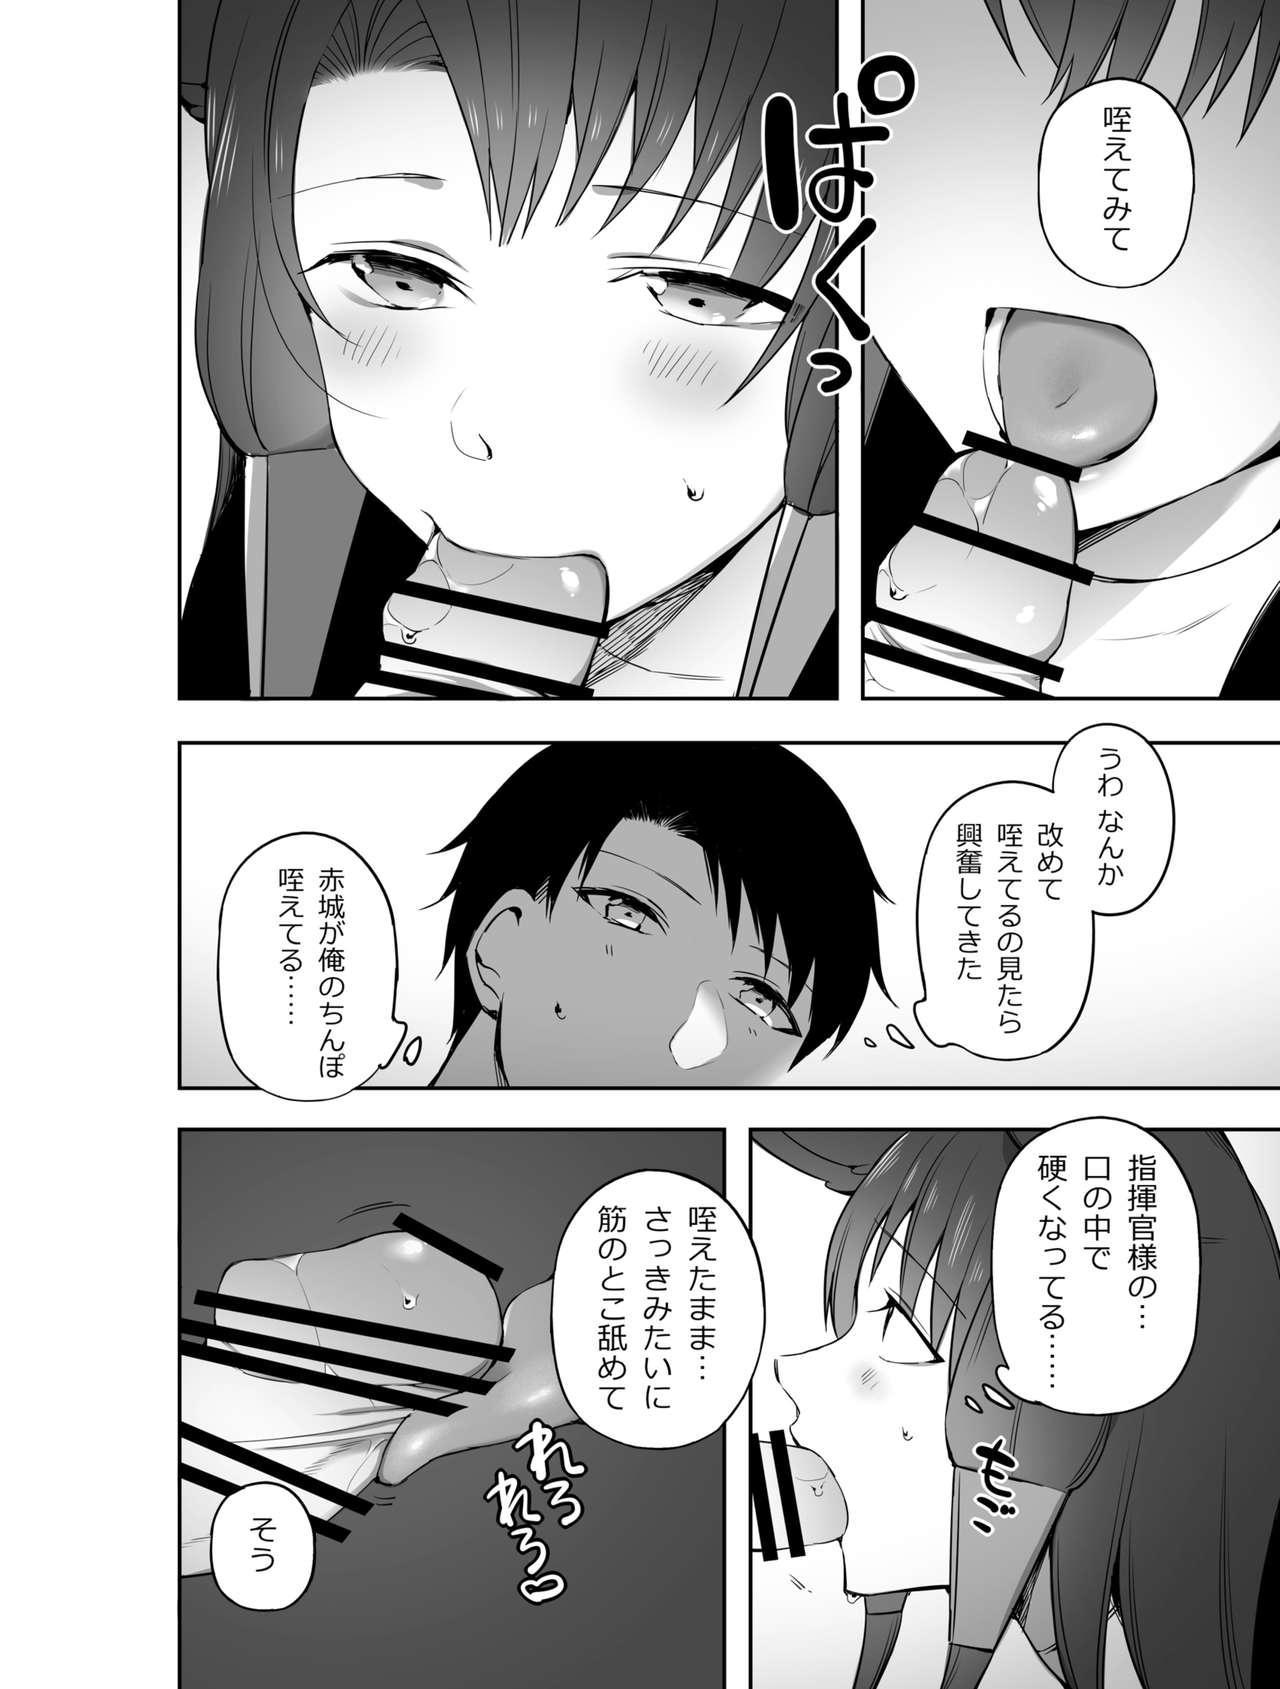 Akagi ni Ochinpo Shaburaseru Hon 9